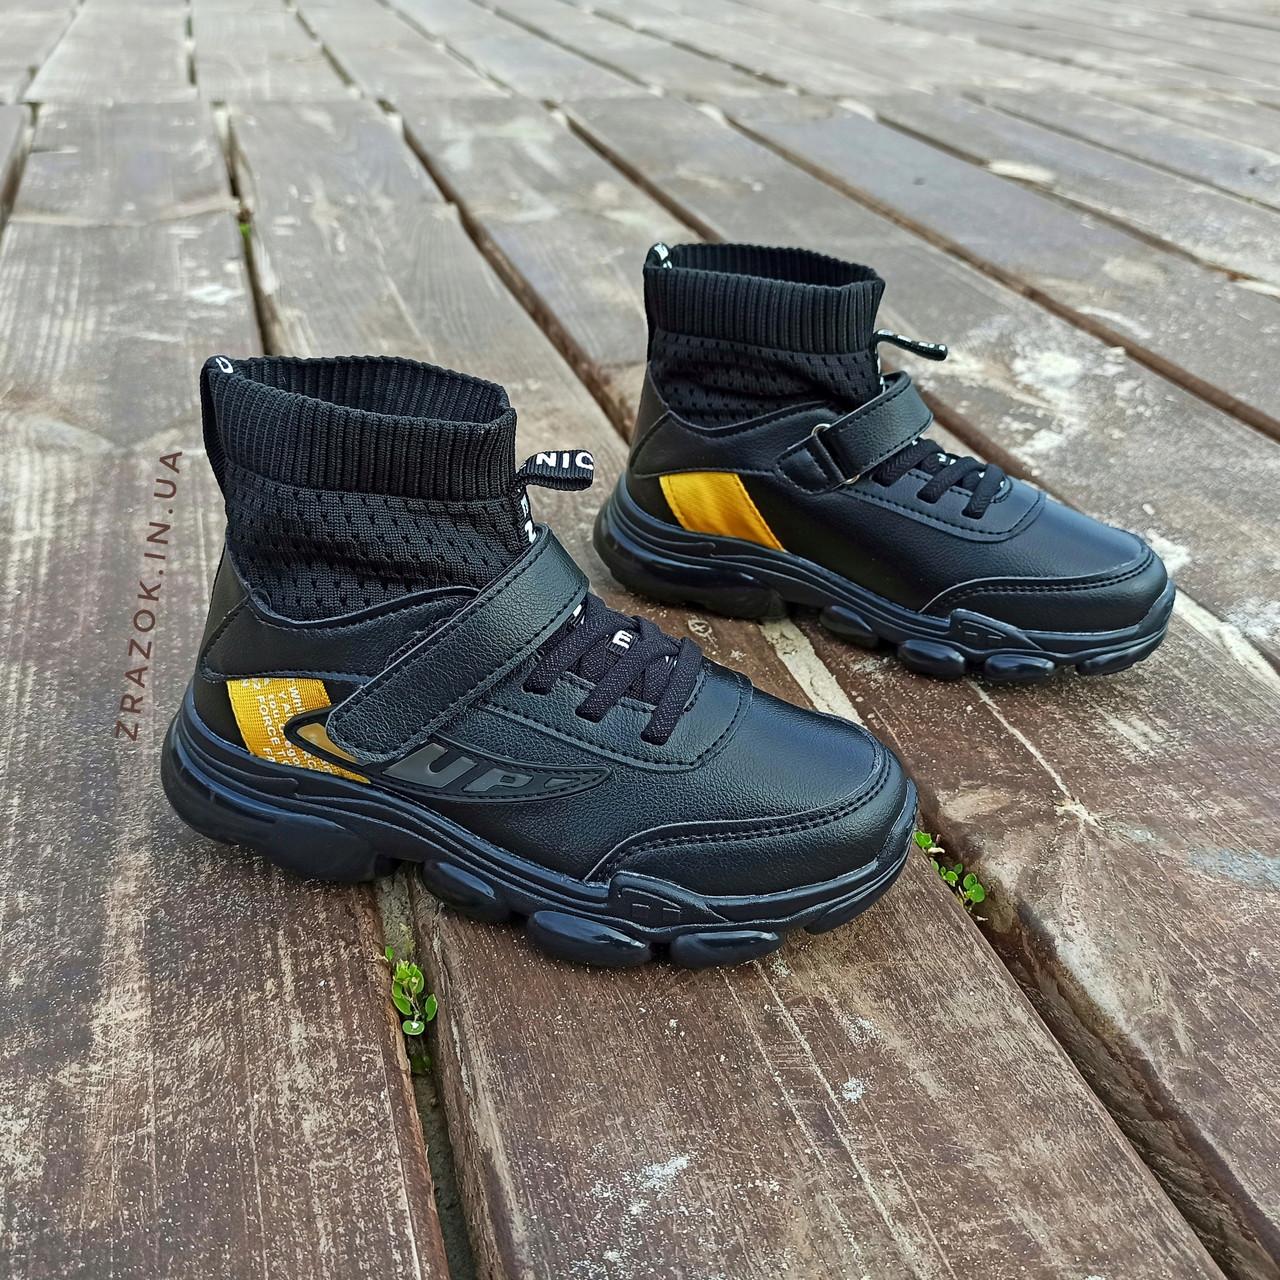 Кросівки шкіряні чорні шкарпетки дитячі кросівки nike air vapormax літні